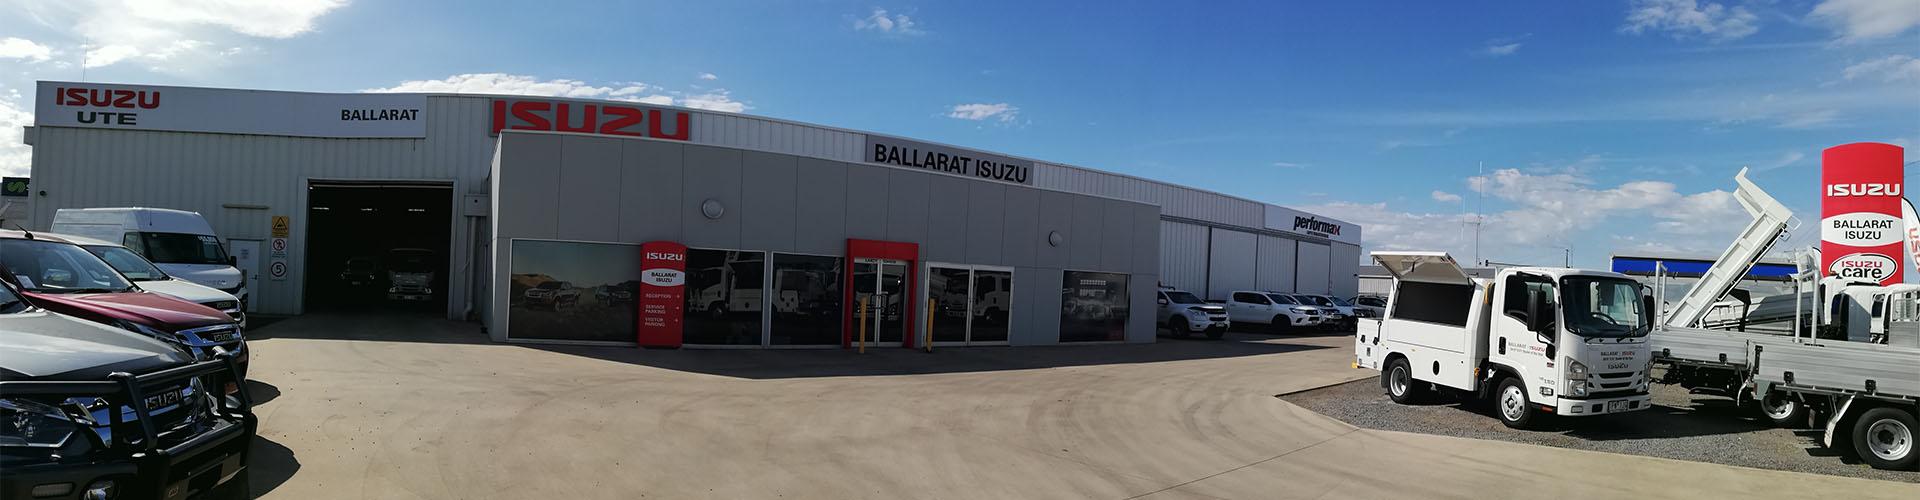 Ballarat Isuzu About Us Banner